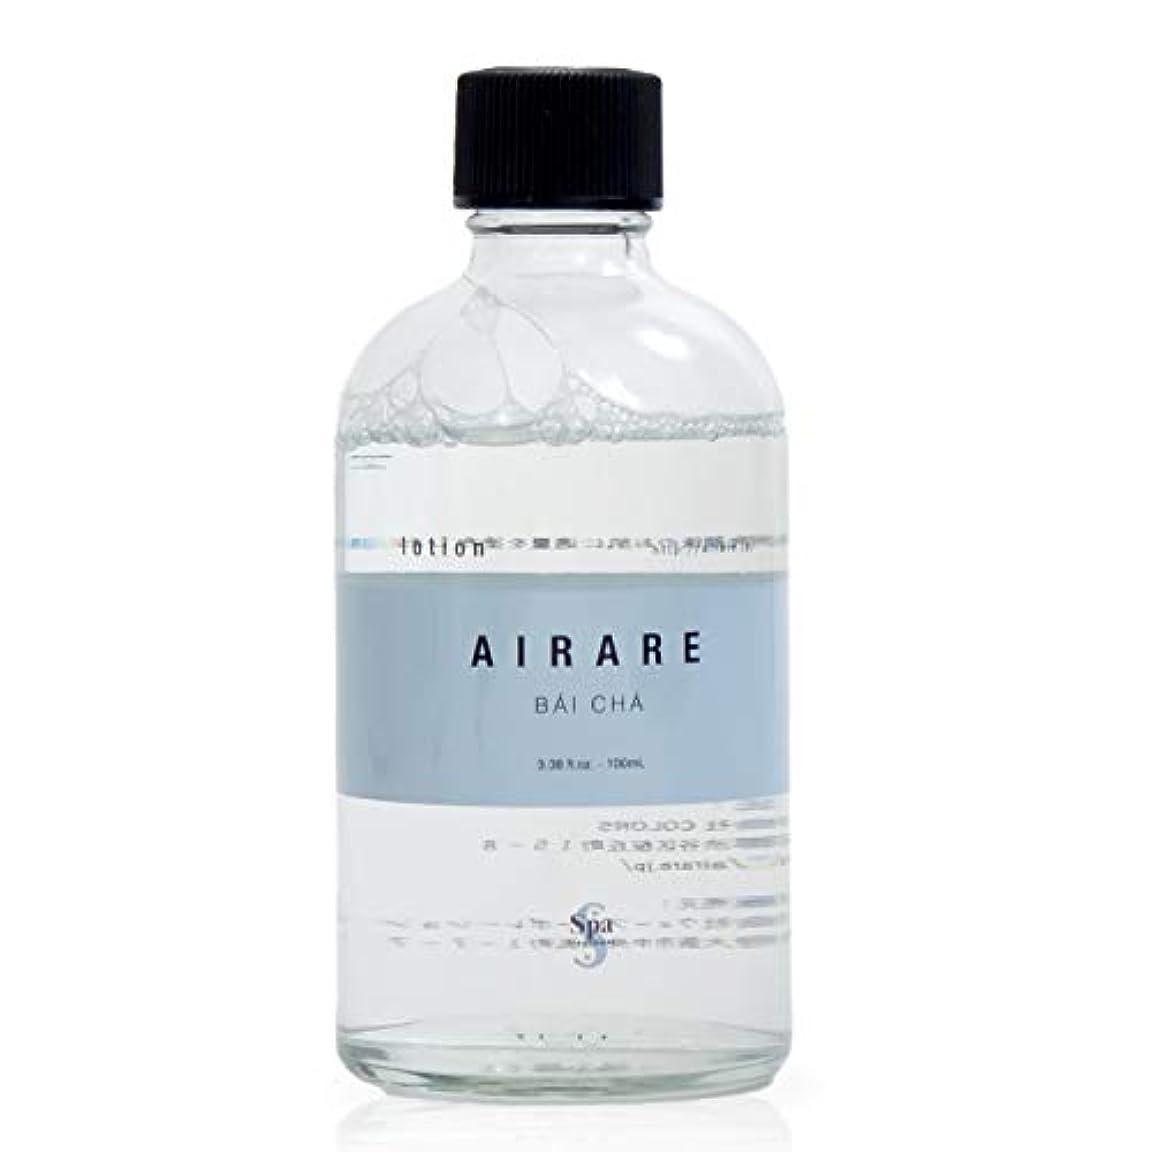 鉄道無関心ストレスの多いアール ローション 化粧水 AIRARE BAICHA 白茶と豊富なアルプスのミネラルを配合